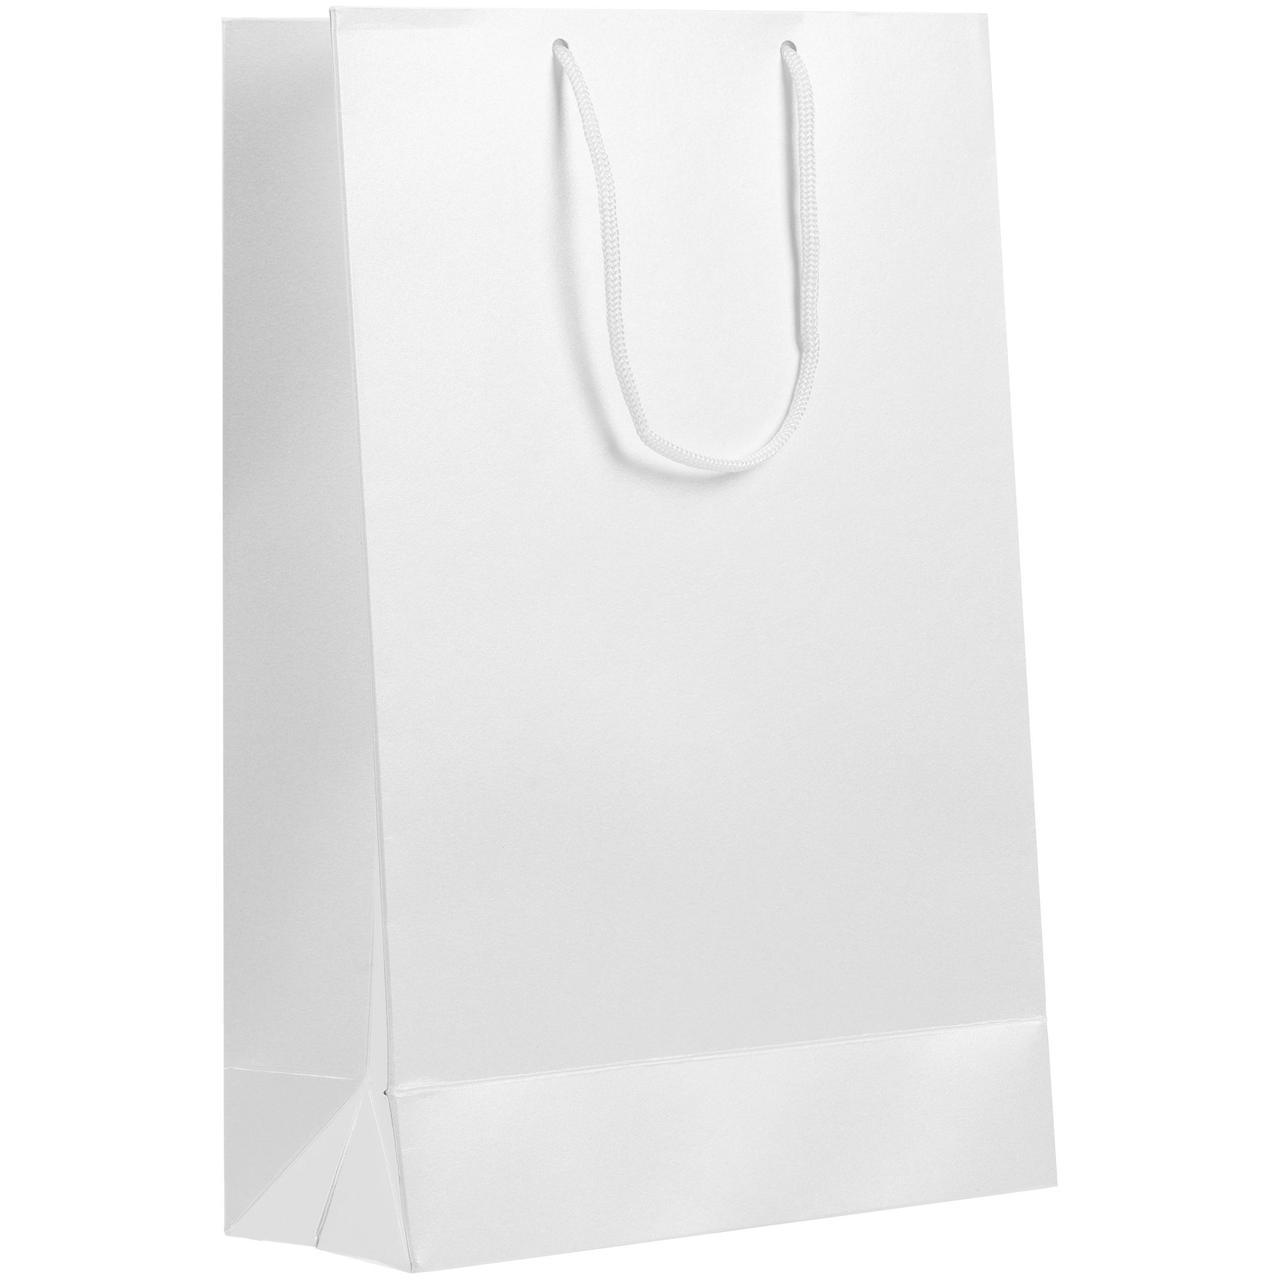 Пакет бумажный «Блеск», средний, белый (артикул 5867.60)